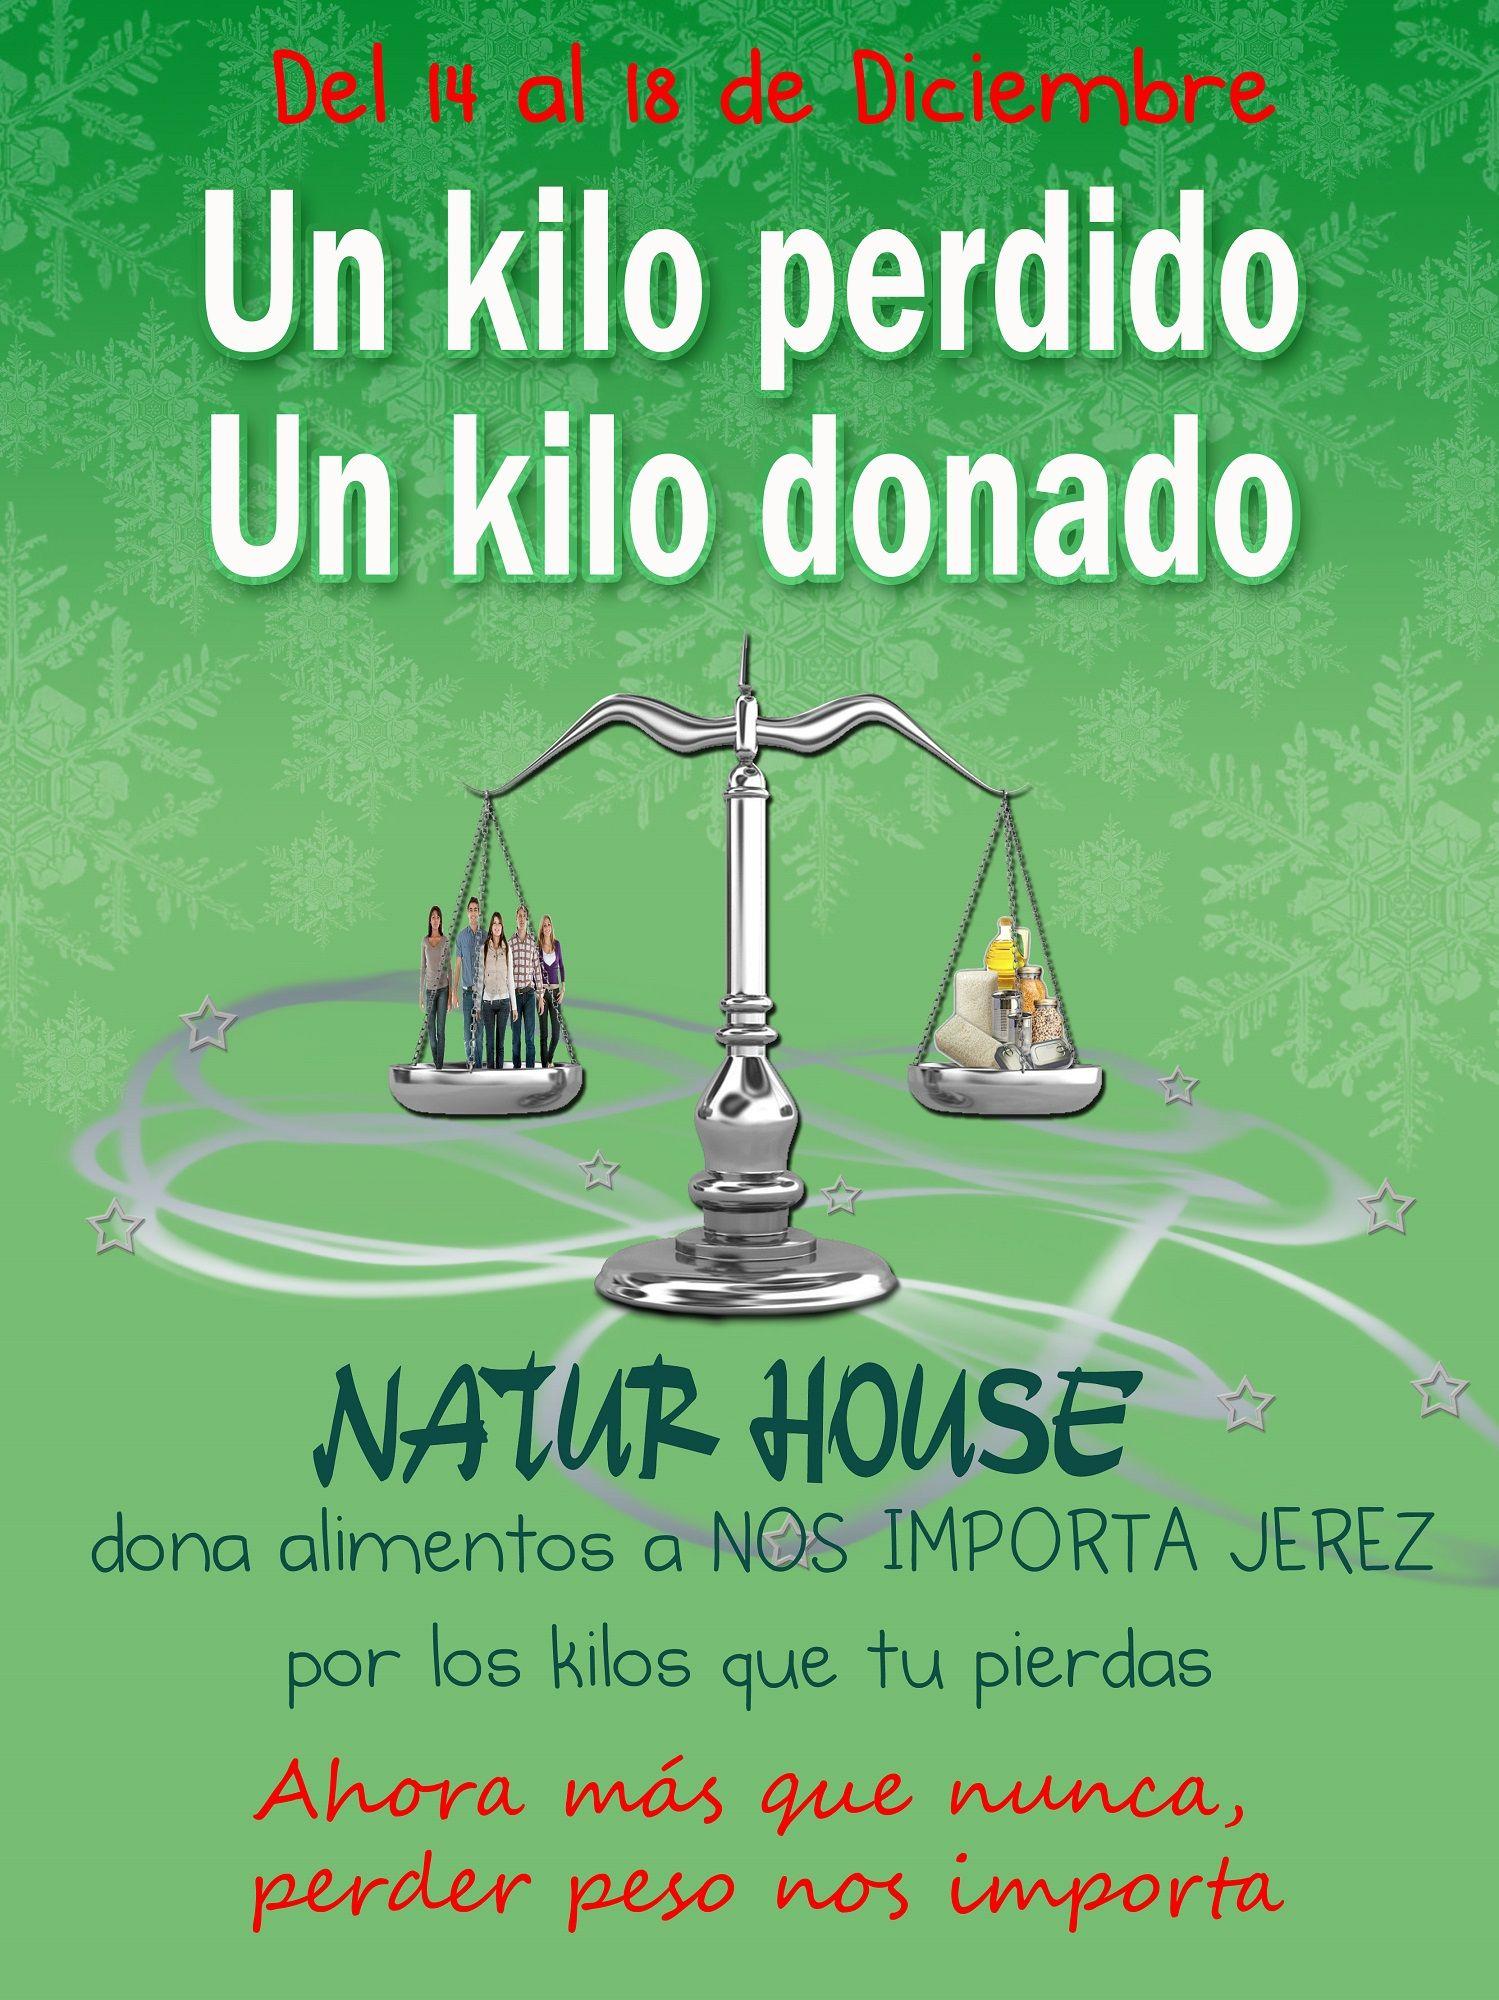 KILO-PERDIDO